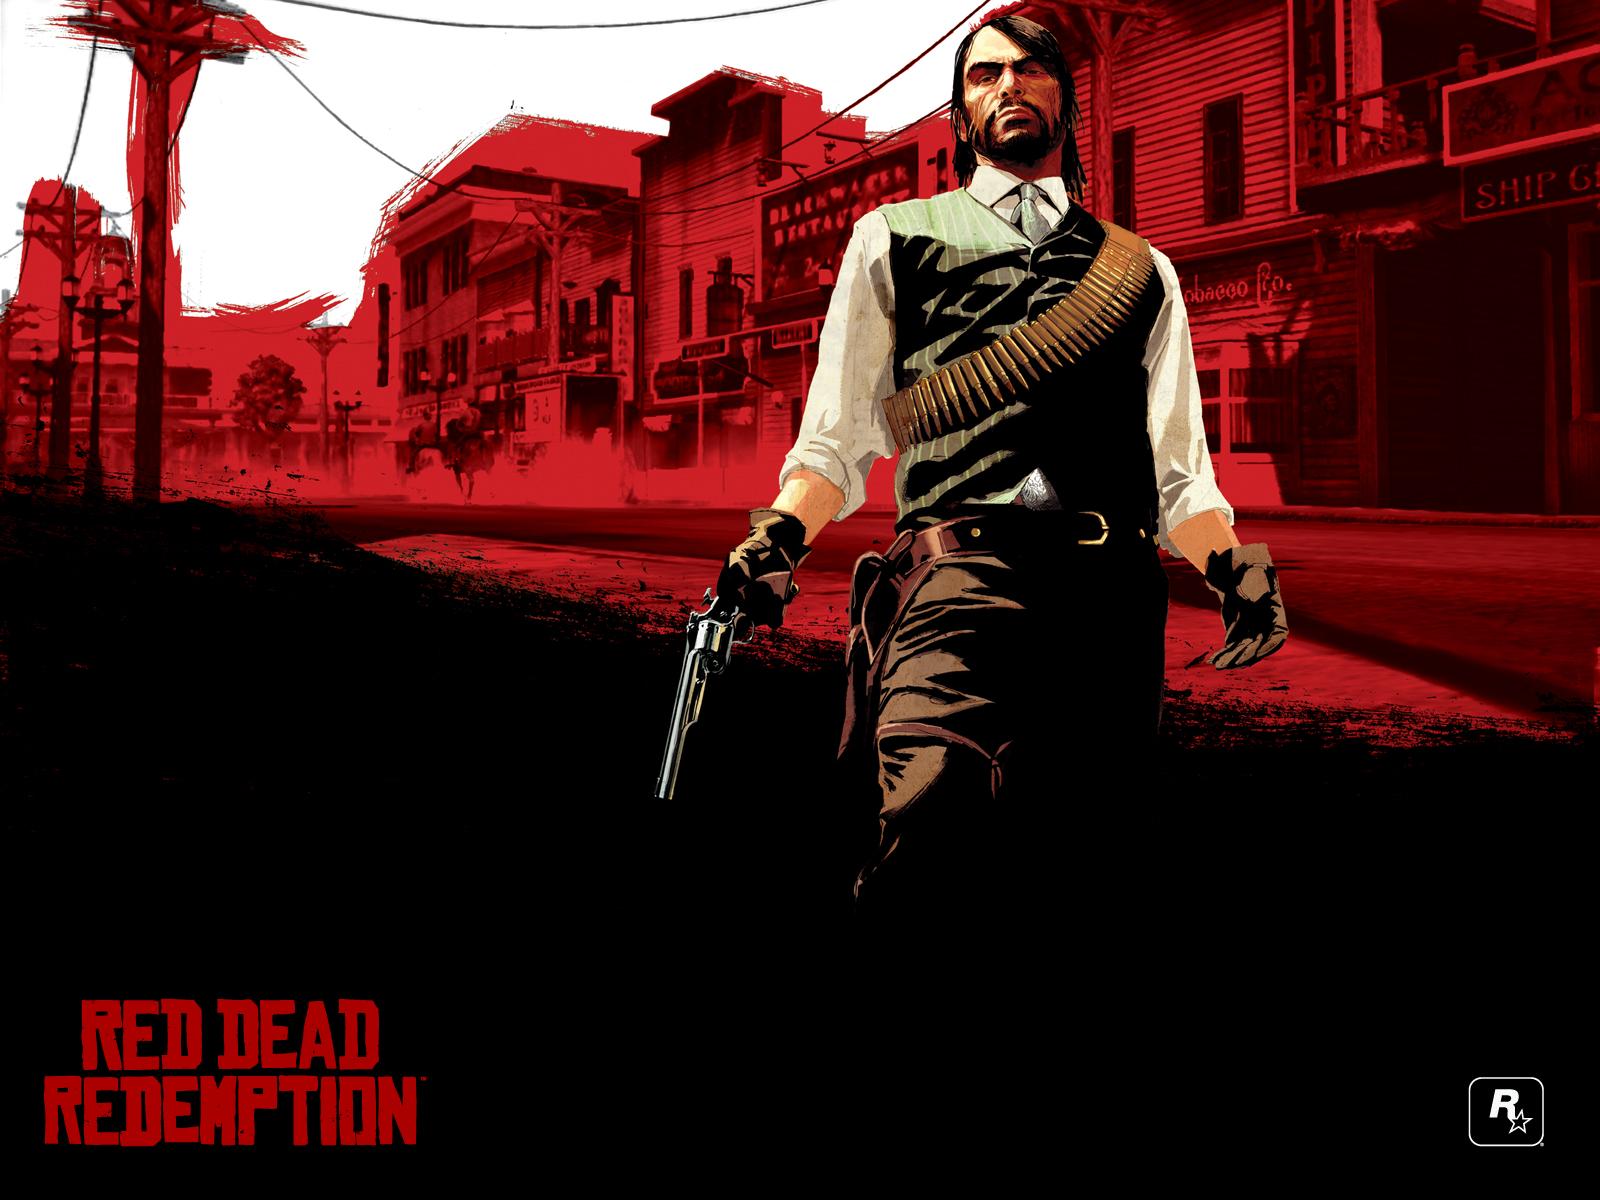 Wallpaper ke hře Red Dead Redemption 2